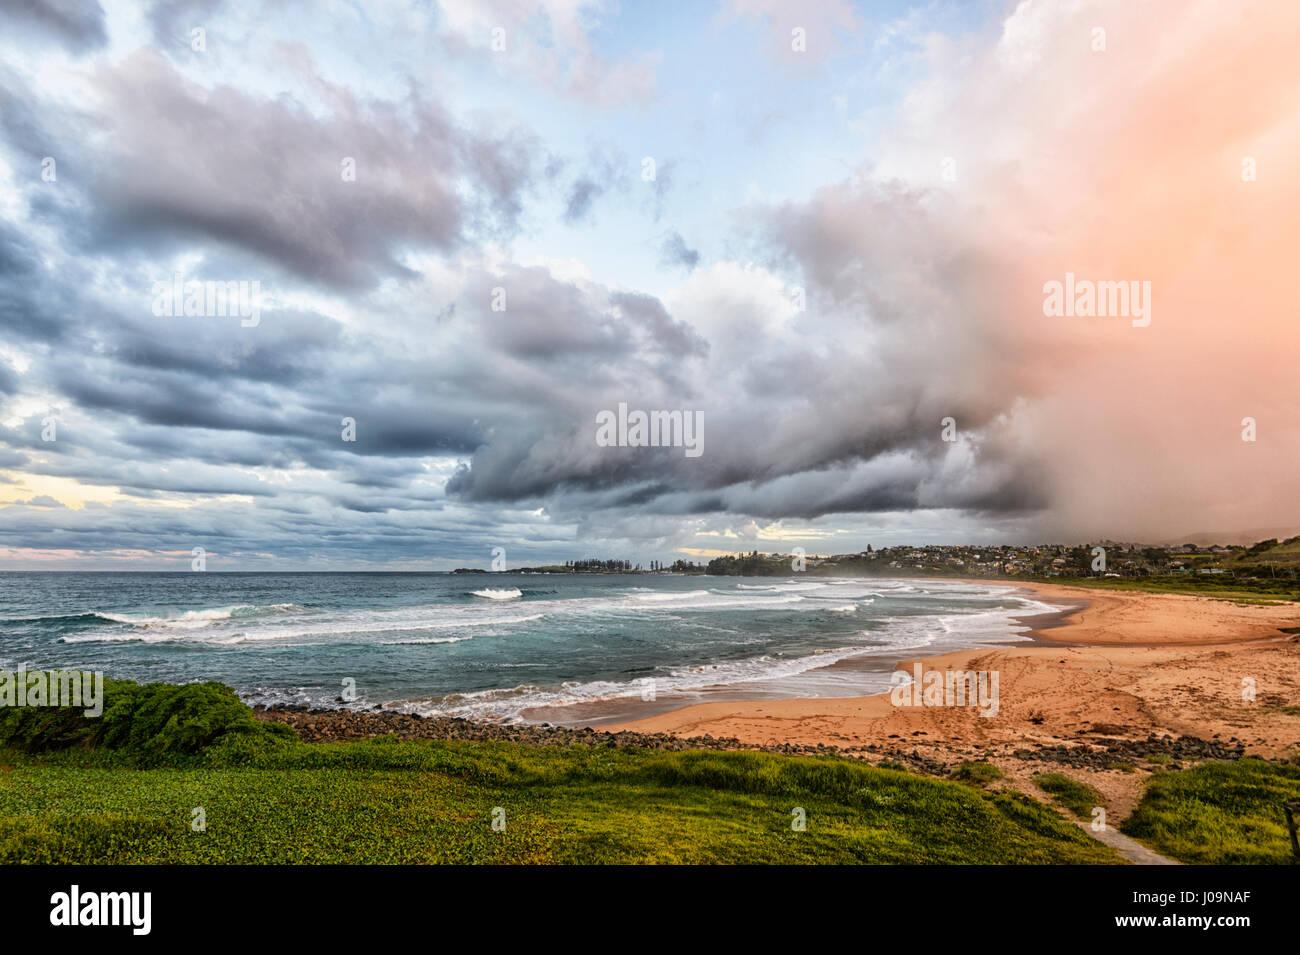 Drammatica vista di un imminente tempesta su Bombo Beach, Kiama, Illawarra Costa, Nuovo Galles del Sud, NSW, Australia Immagini Stock